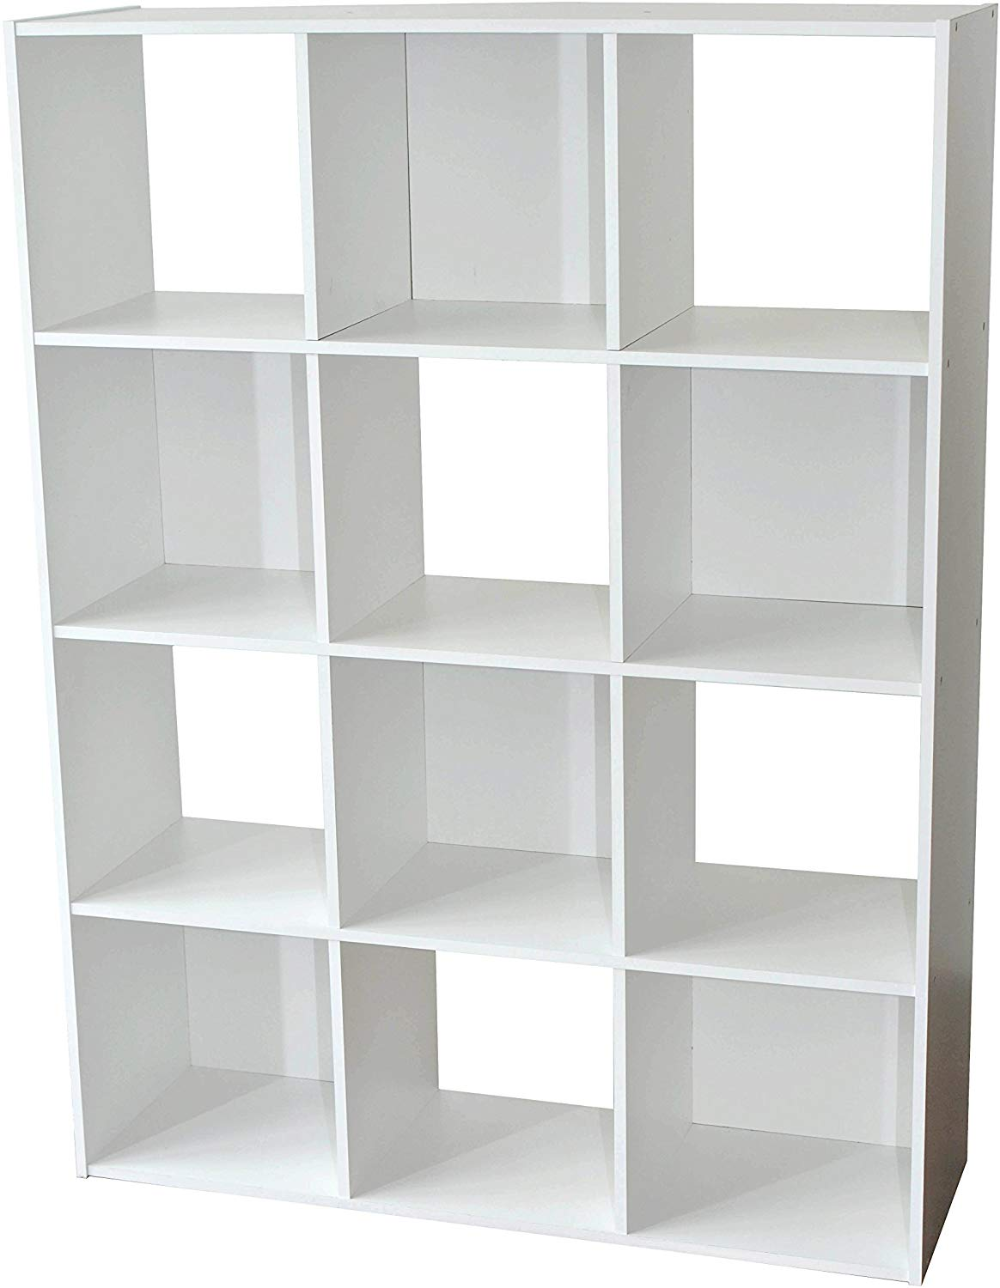 Alsapan Compo Meuble De Rangement 12 Casiers Bibliotheque Etageres Cubes Blanc 92 X 30 X 123 Cm Amazon Fr Cui Meuble Rangement Rangement Bibliotheque Etagere